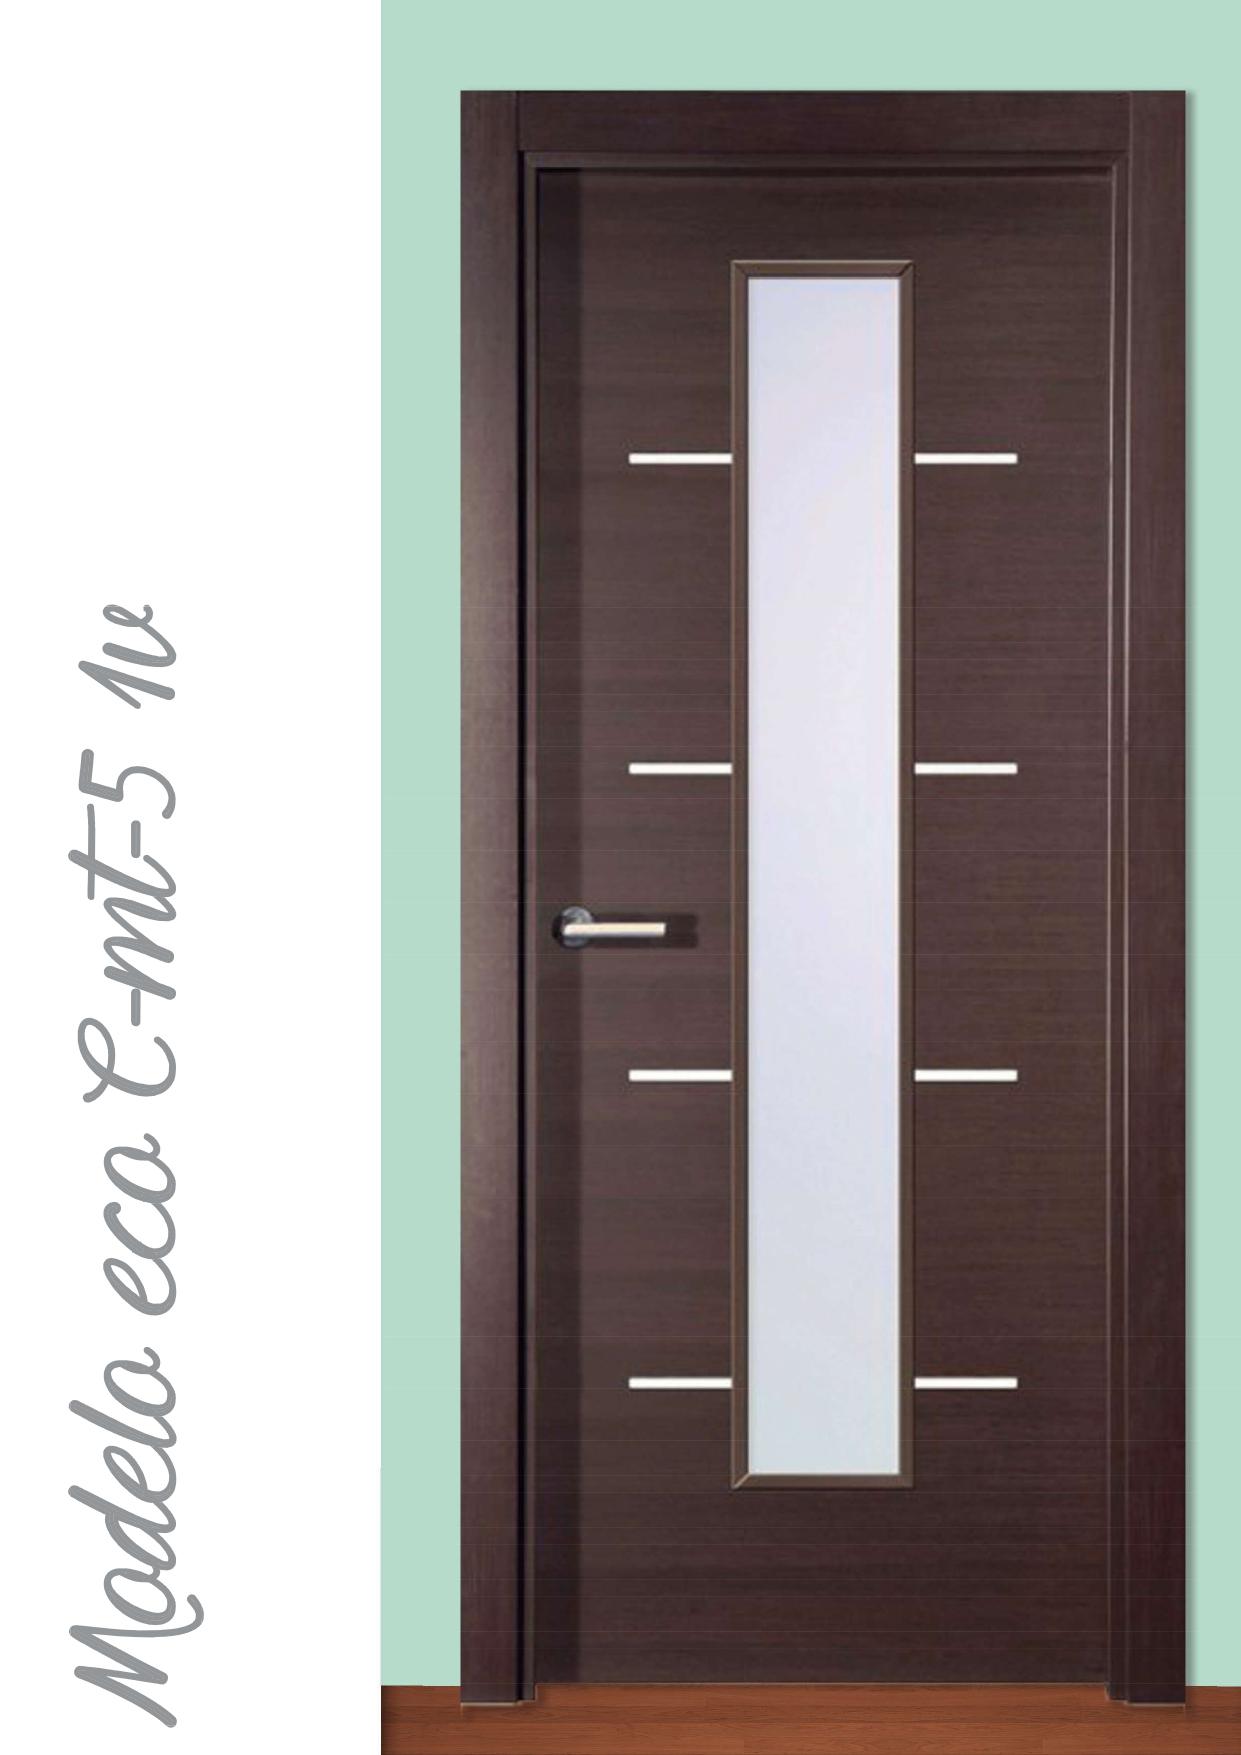 Puerta Modelo Eco e-mt-5 1V